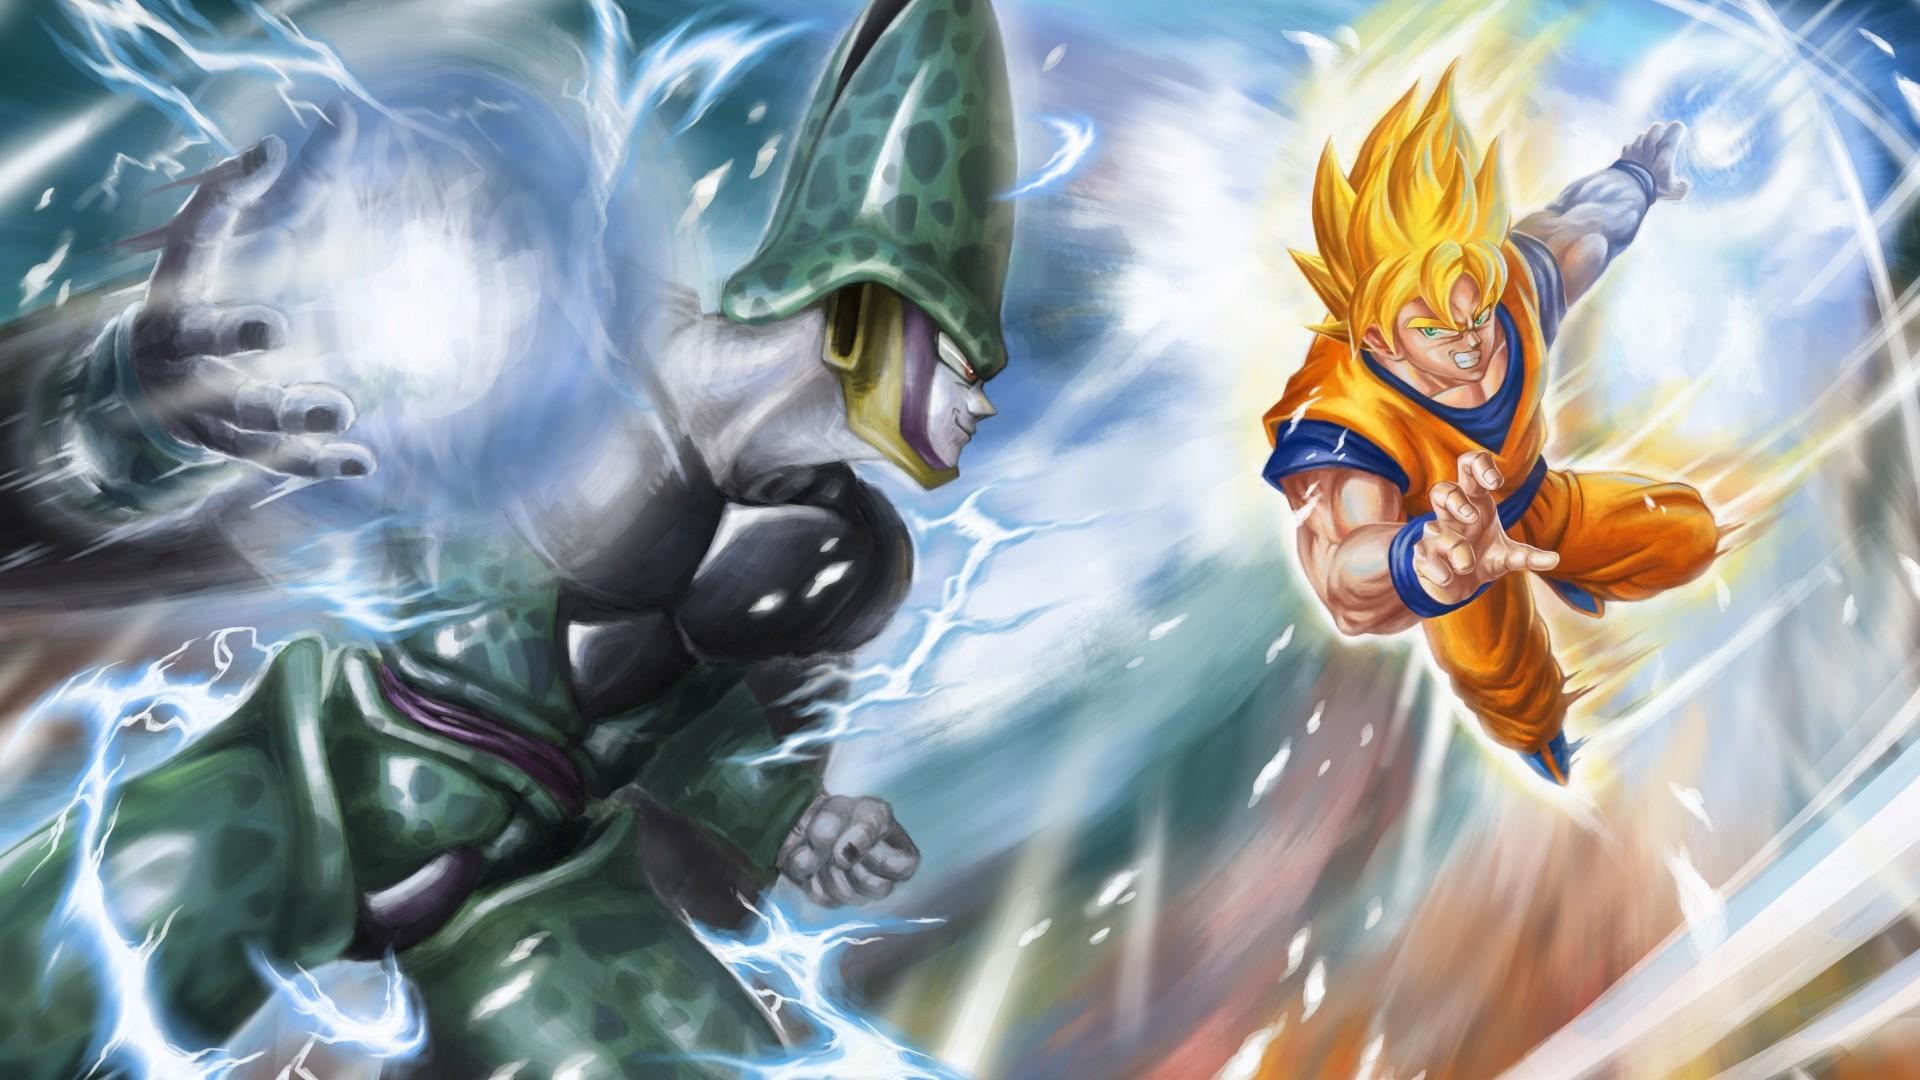 HD Dragon Ball Z